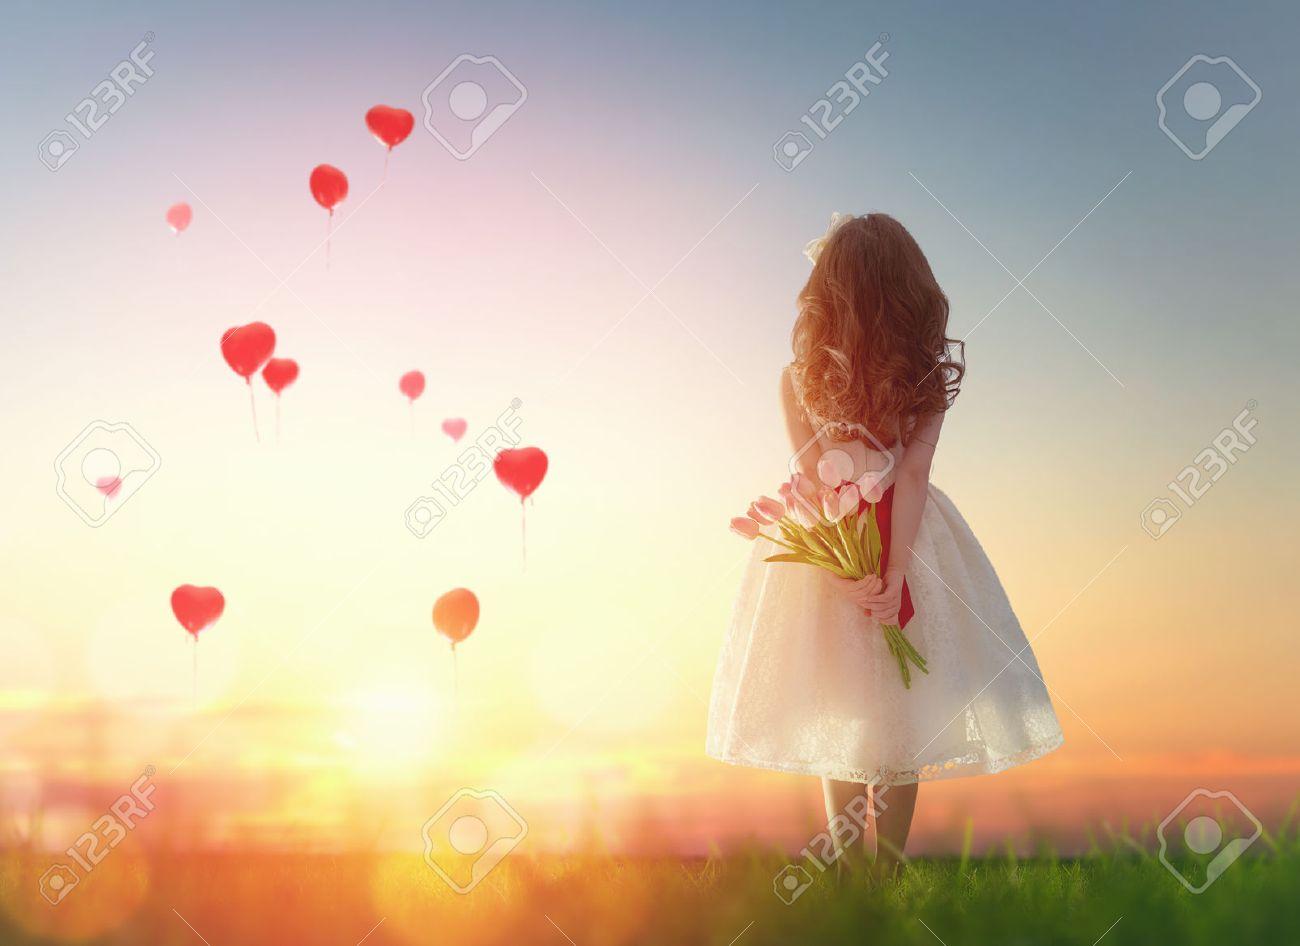 e4981f609d Niño De La Muchacha Dulce Mirando Globos Rojos. Muchacha Del Pequeño Niño  Que Sostiene El Ramo De Flores. Globos En Forma De Corazón Volando En El  Cielo Del ...